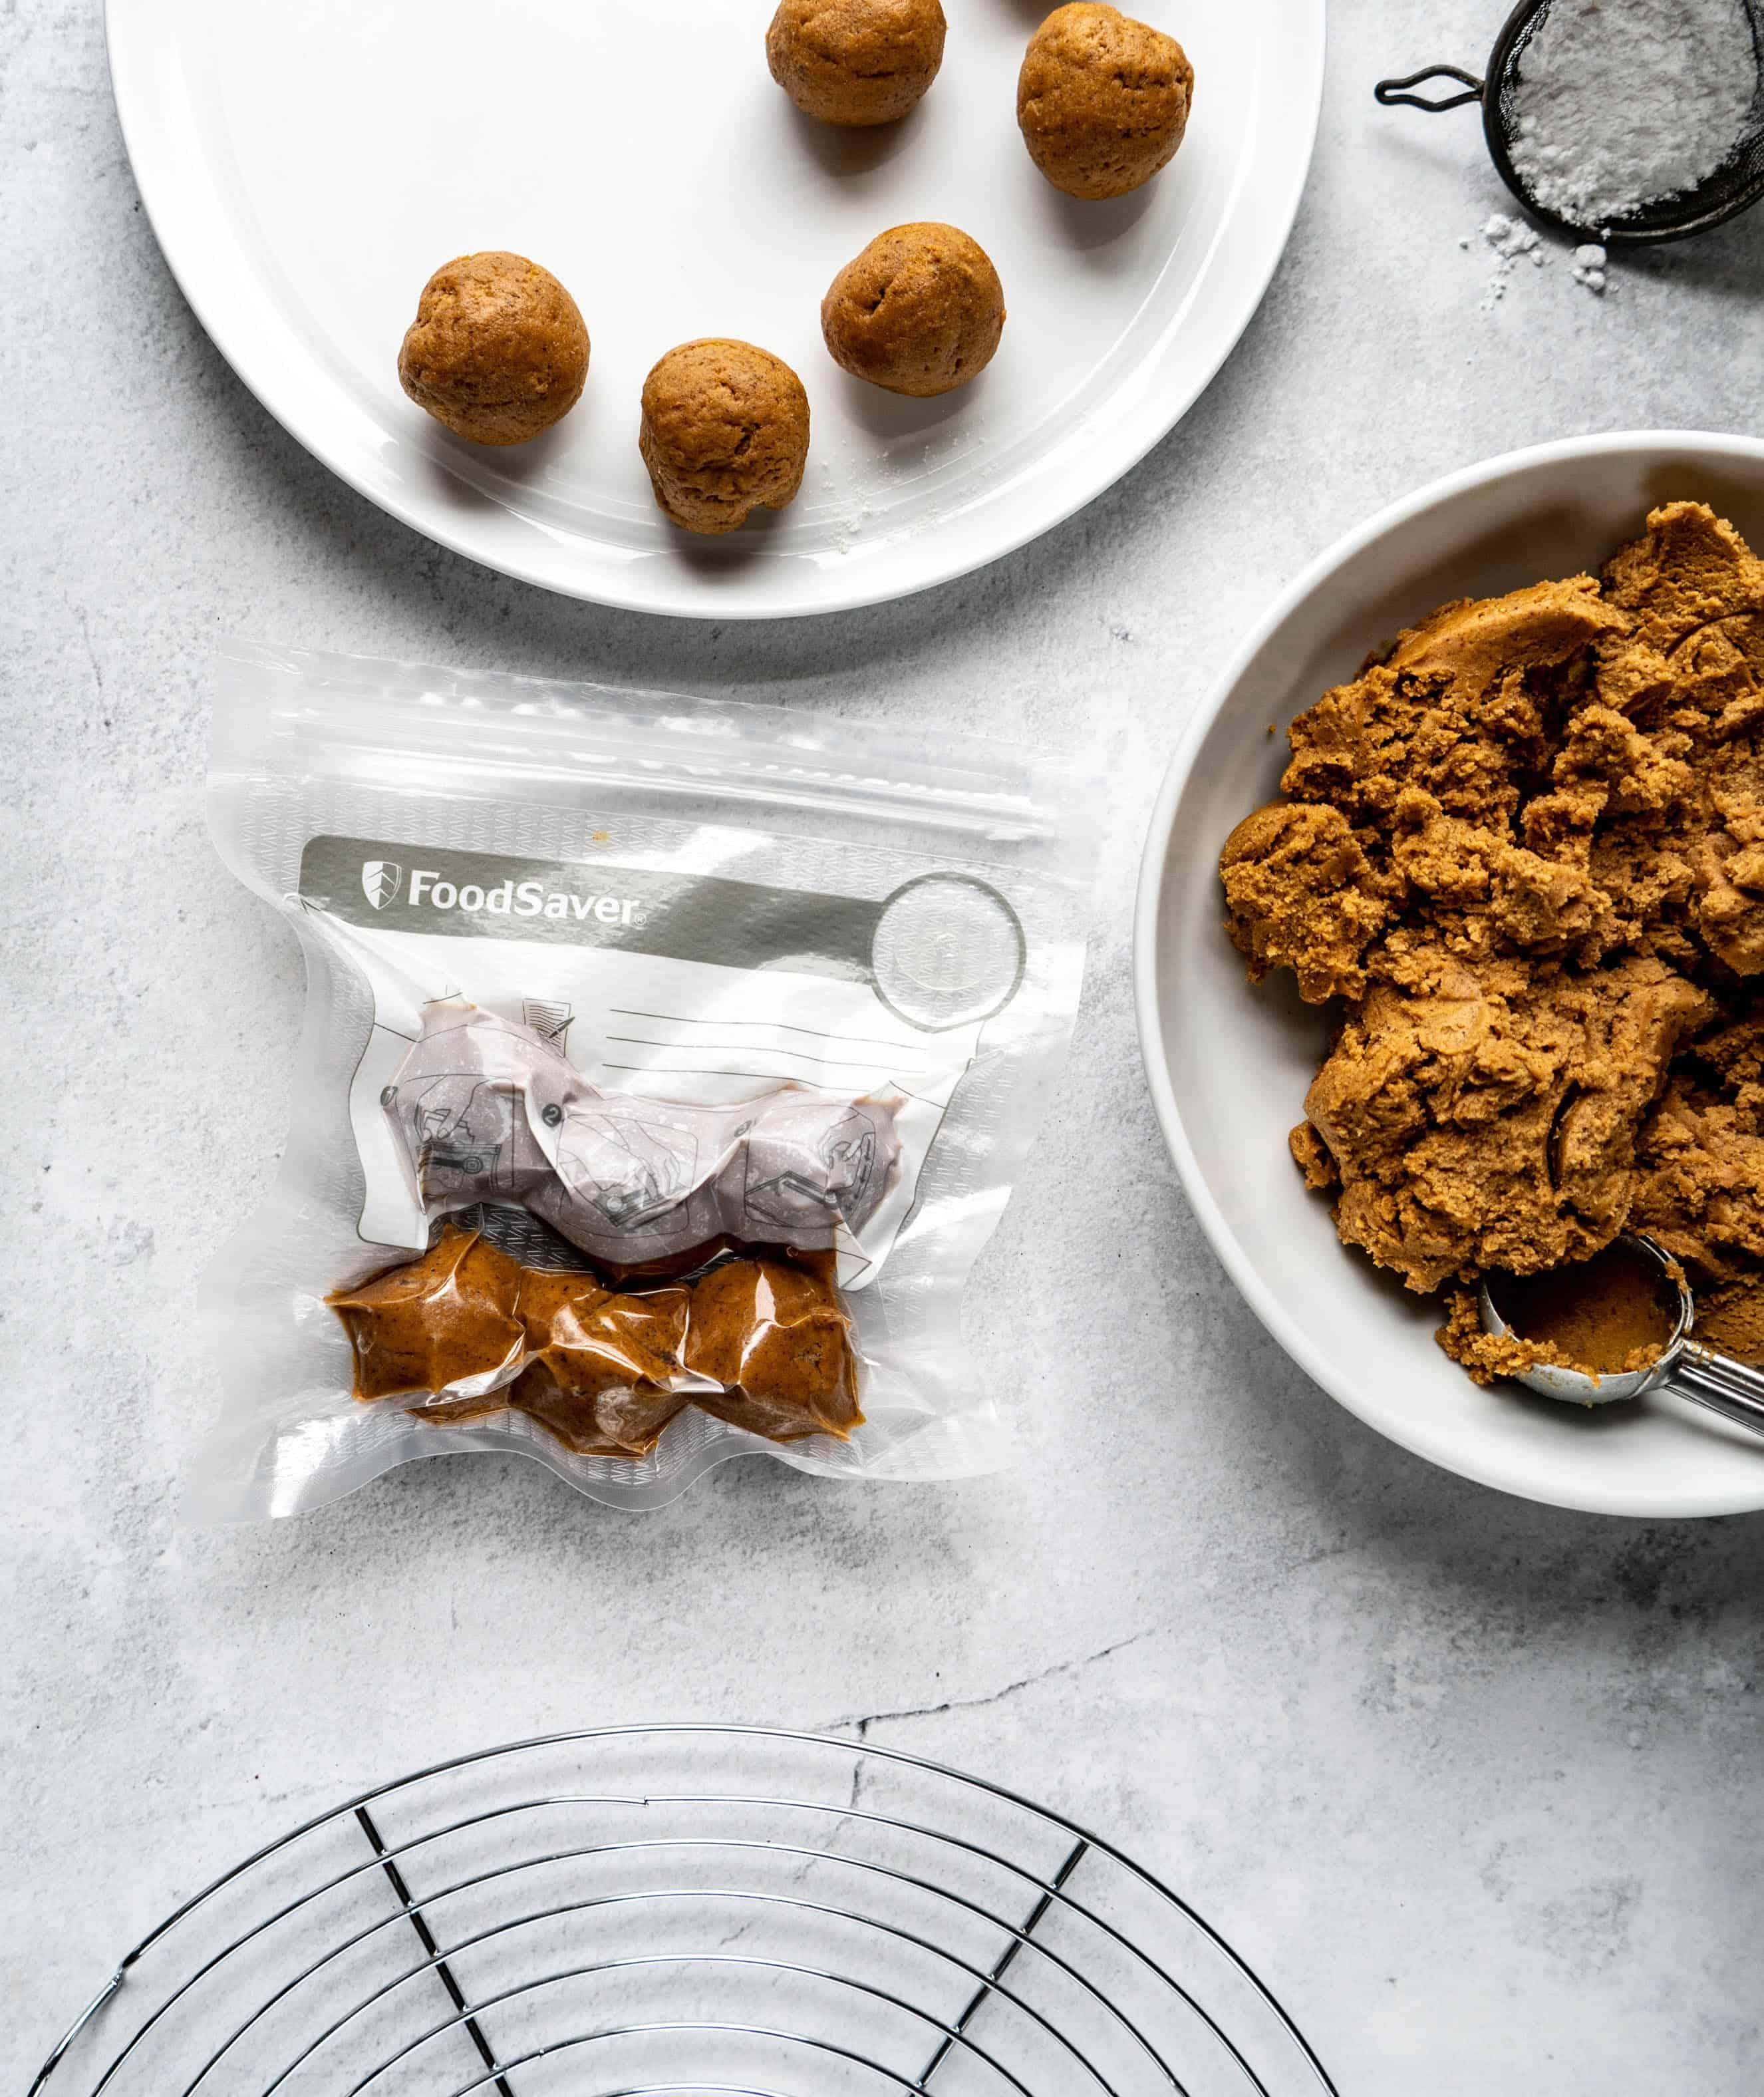 pfeffernusse cookie dough in foodsaver bag